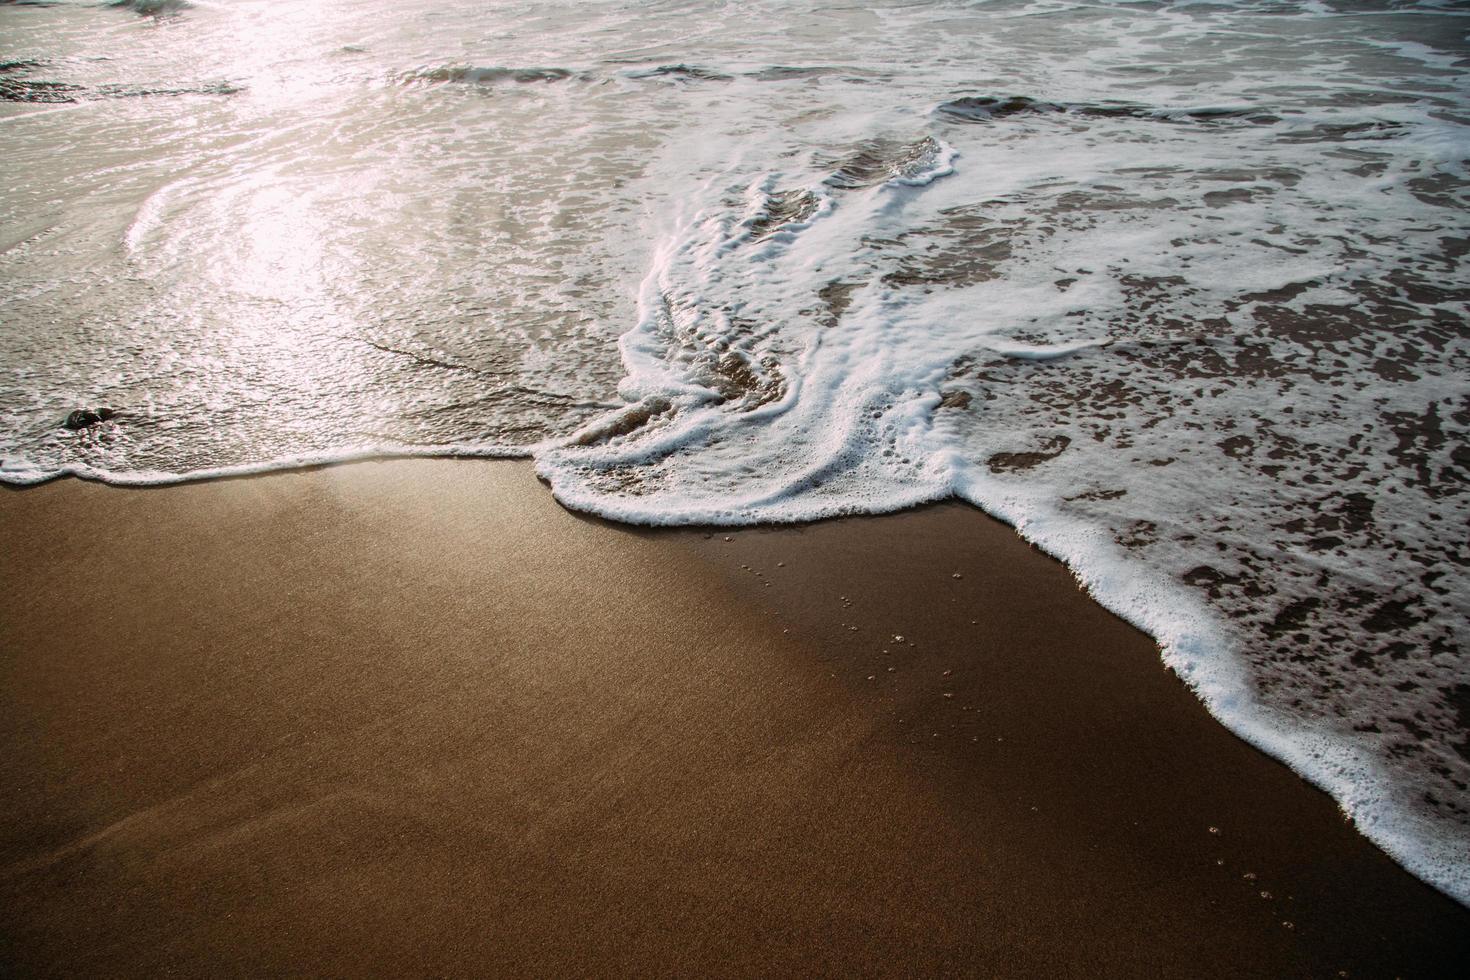 onde scintillanti che lavano sulla spiaggia foto